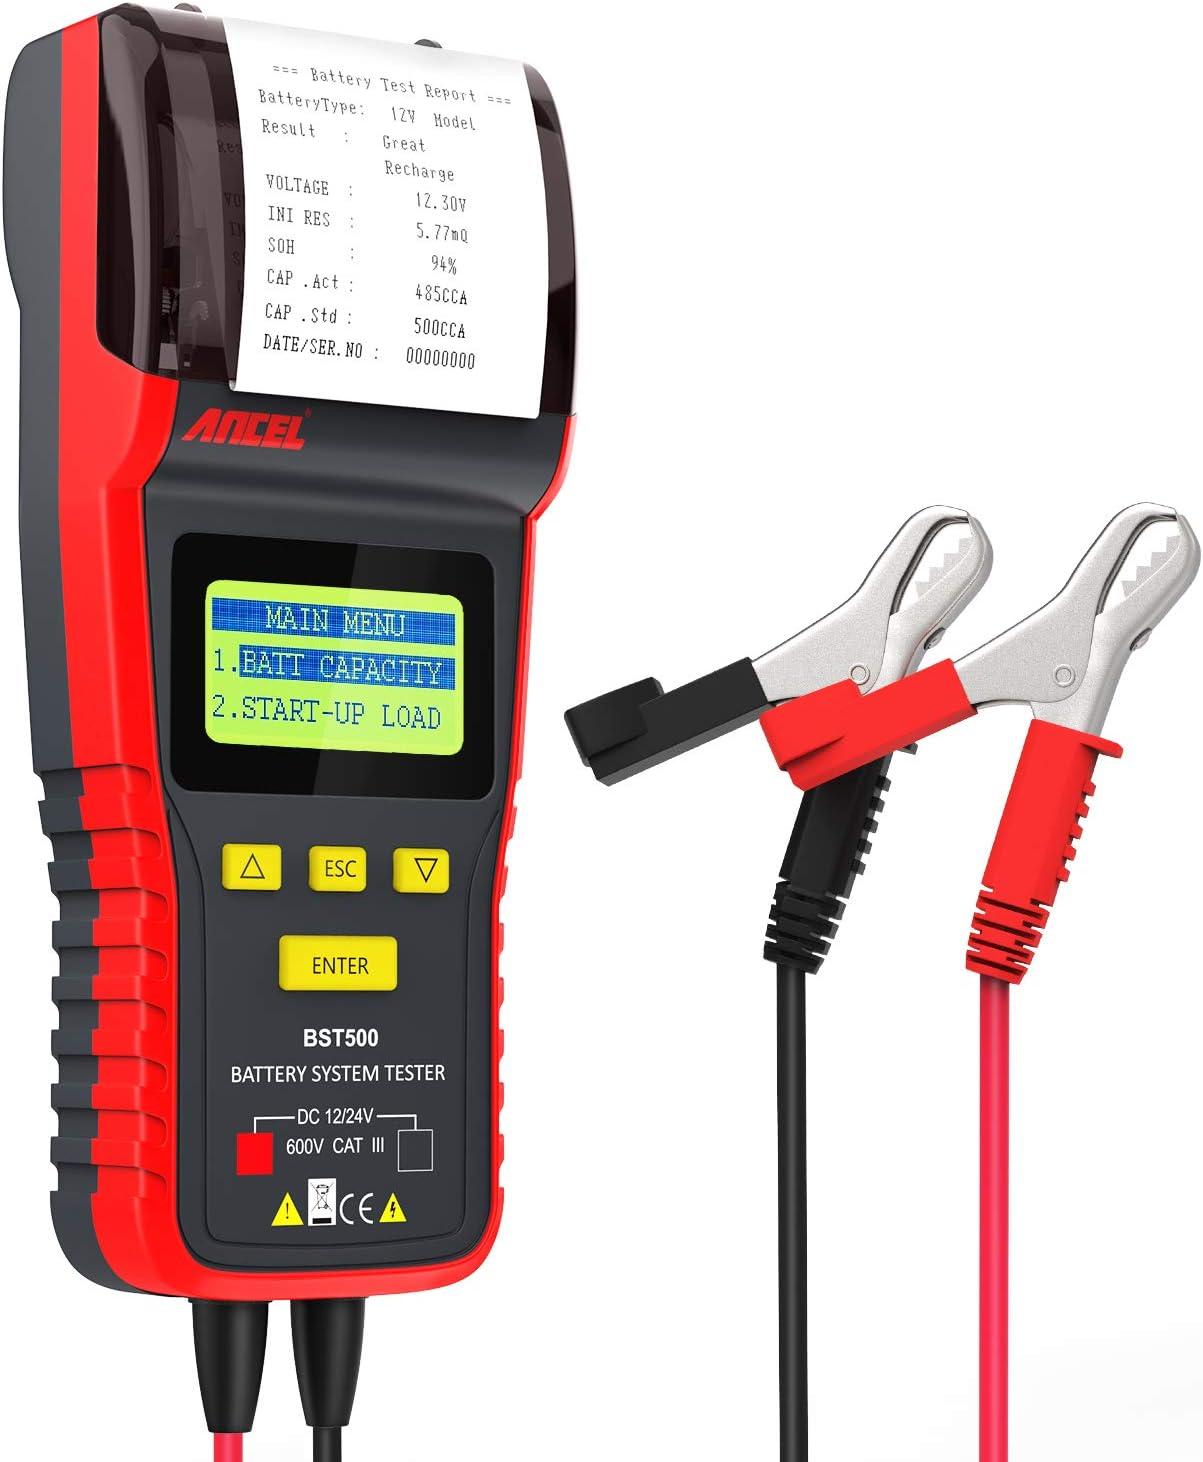 ANCEL BST500 Comprobador de baterías Digital, Profesional, 12V/24V, impresión de Datos, Prueba de Celdas, Herramienta para Coche, camión, Moto y más …